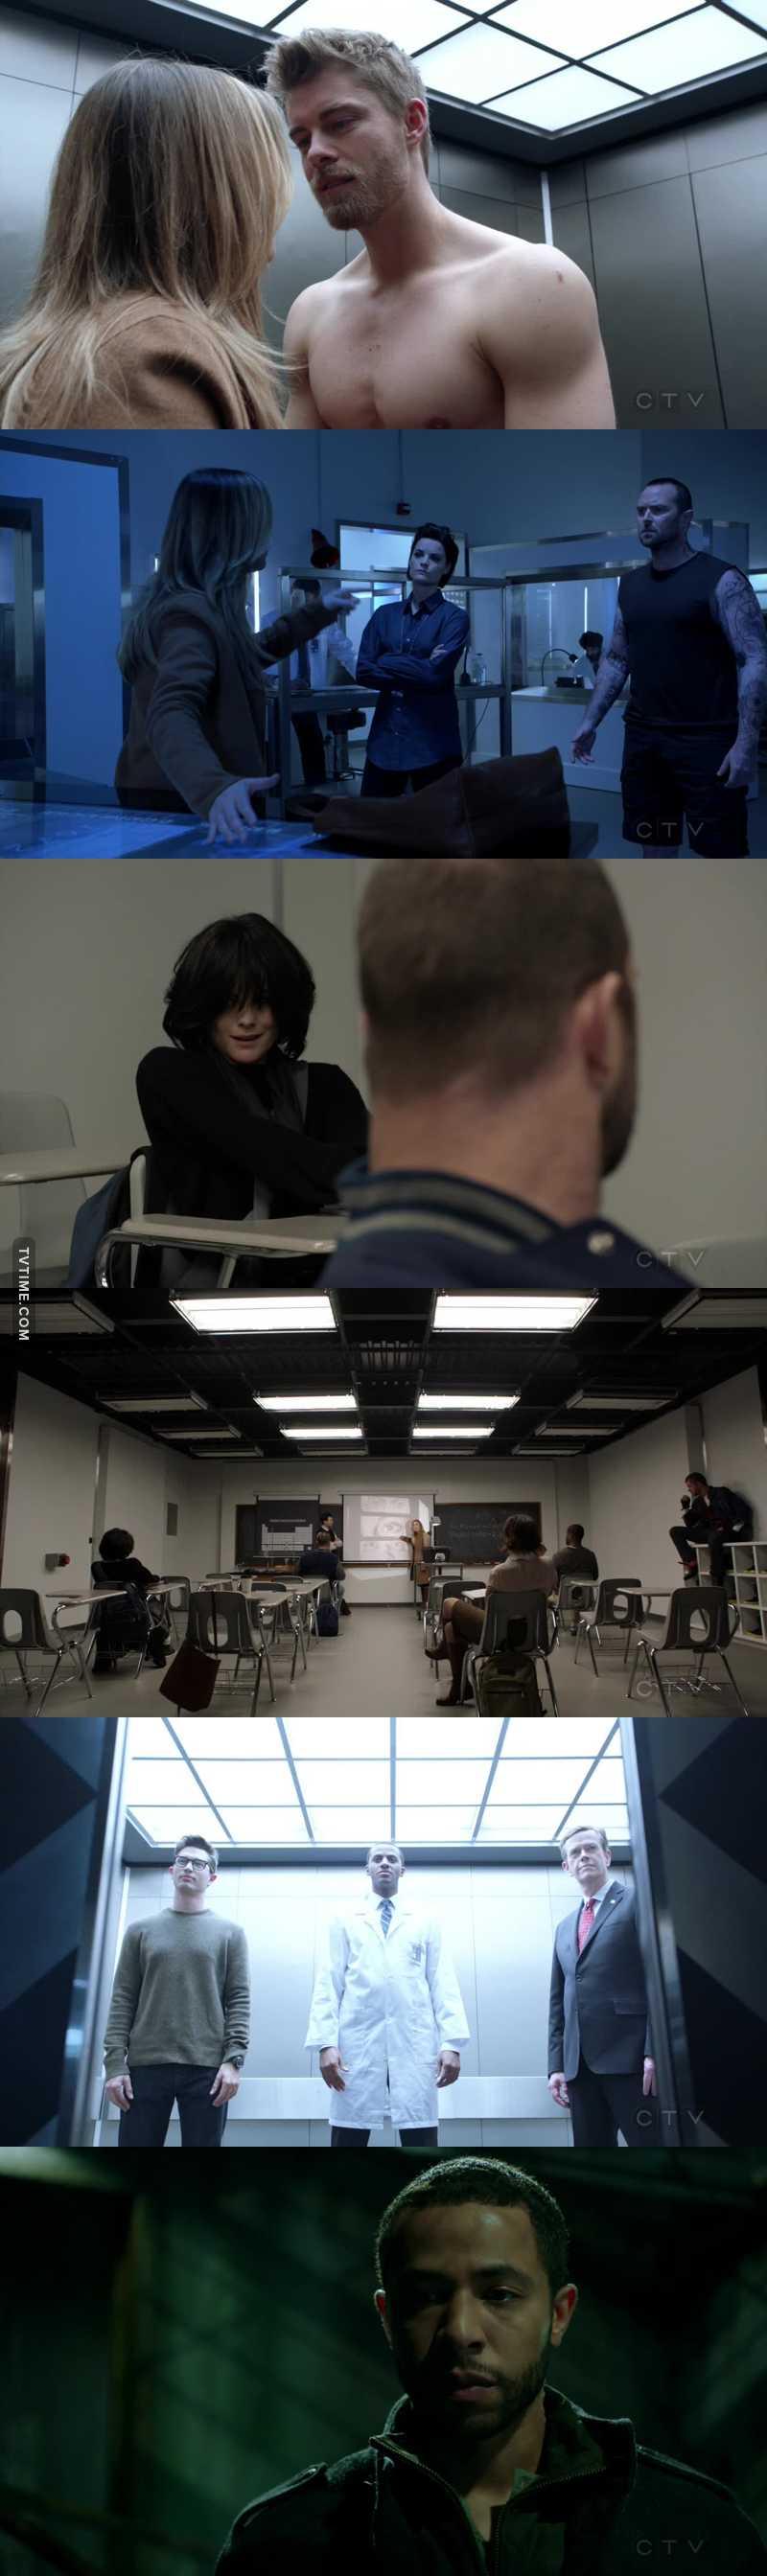 Best episode EVEERRRRR